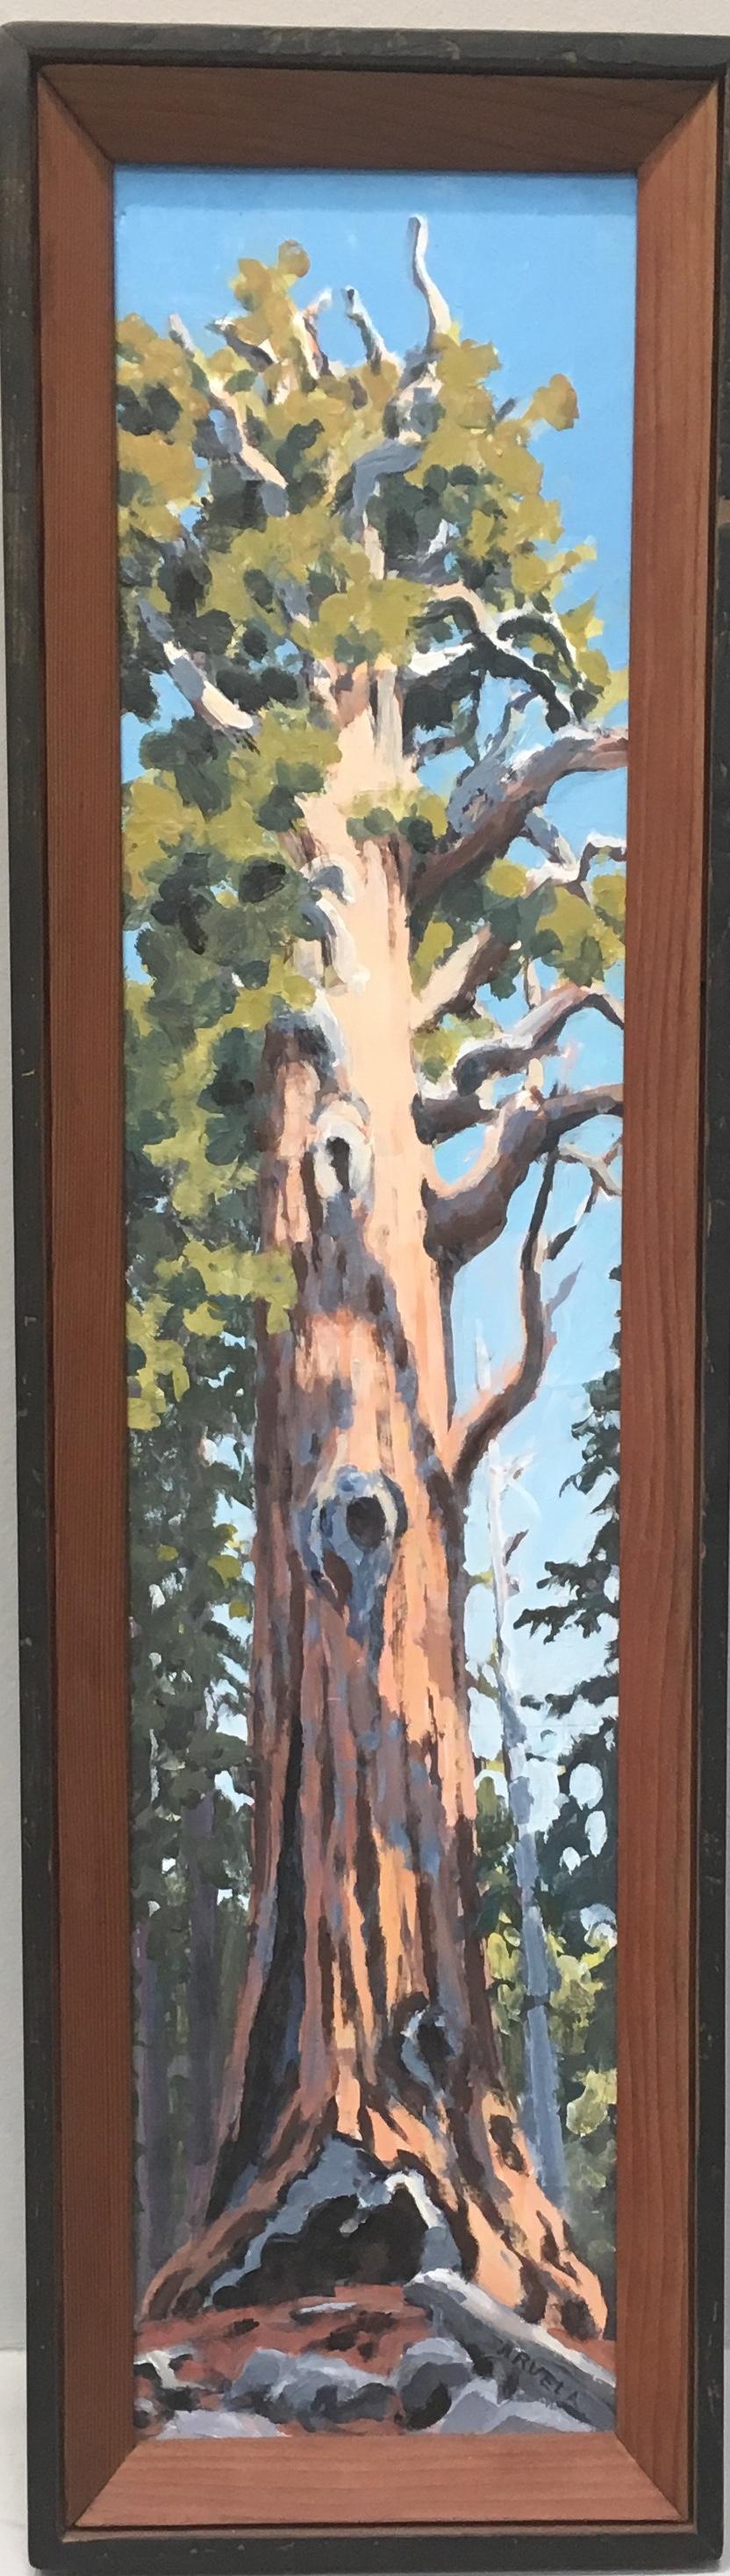 Jarvela-Chief Sequoia, 26 x 6_, $ 1200..